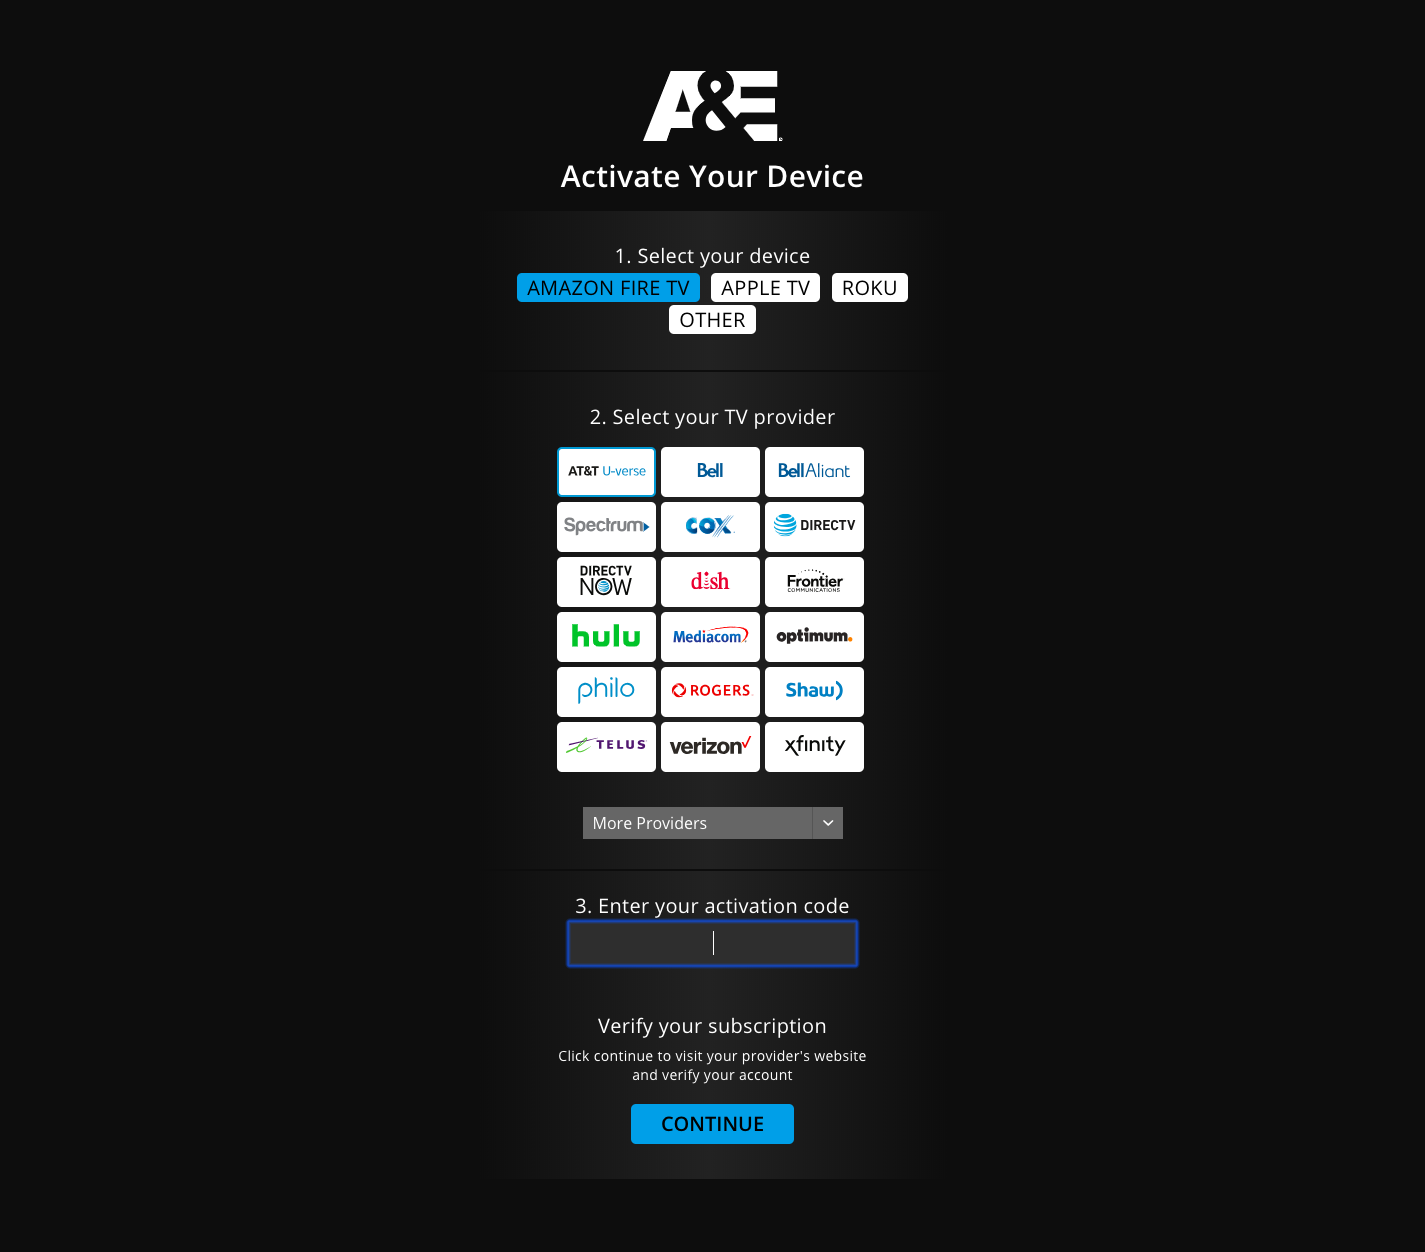 www aetv com activate